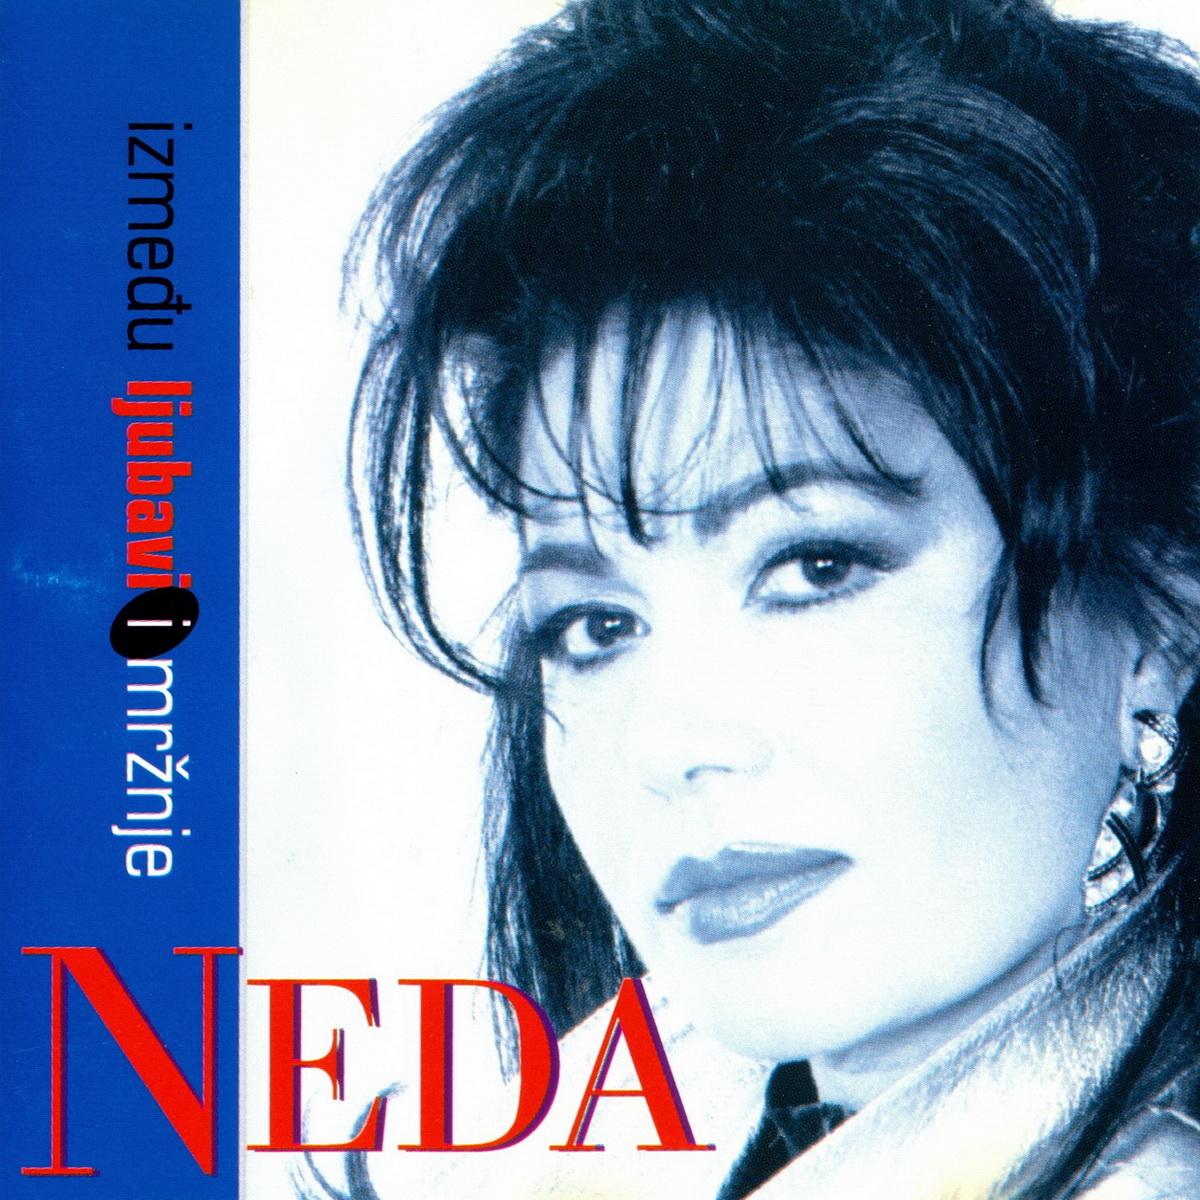 Neda Ukraden 1995 Izmedju ljubavi i mrznje A